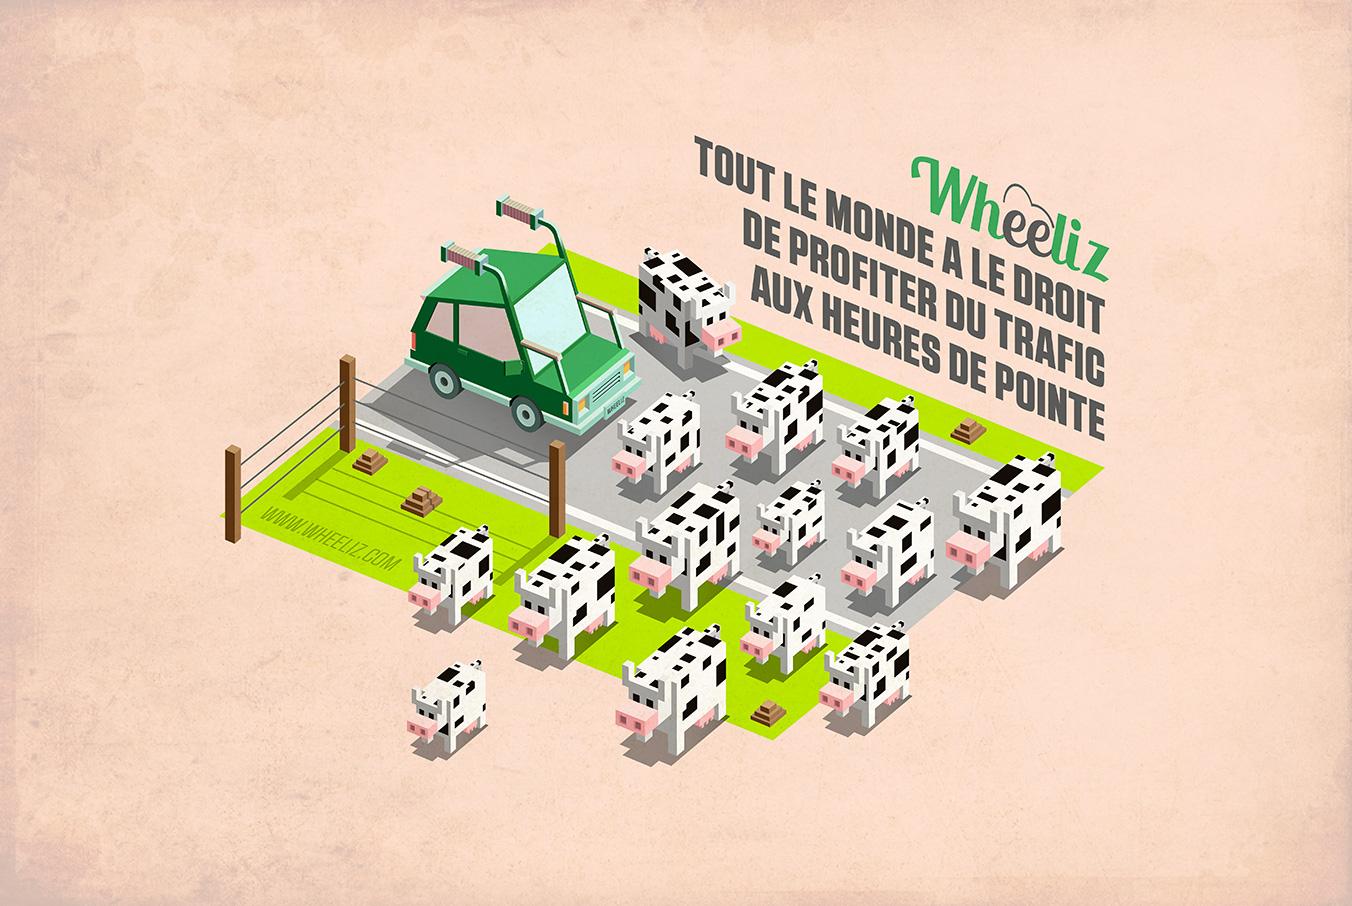 Wheeliz-visu-vache